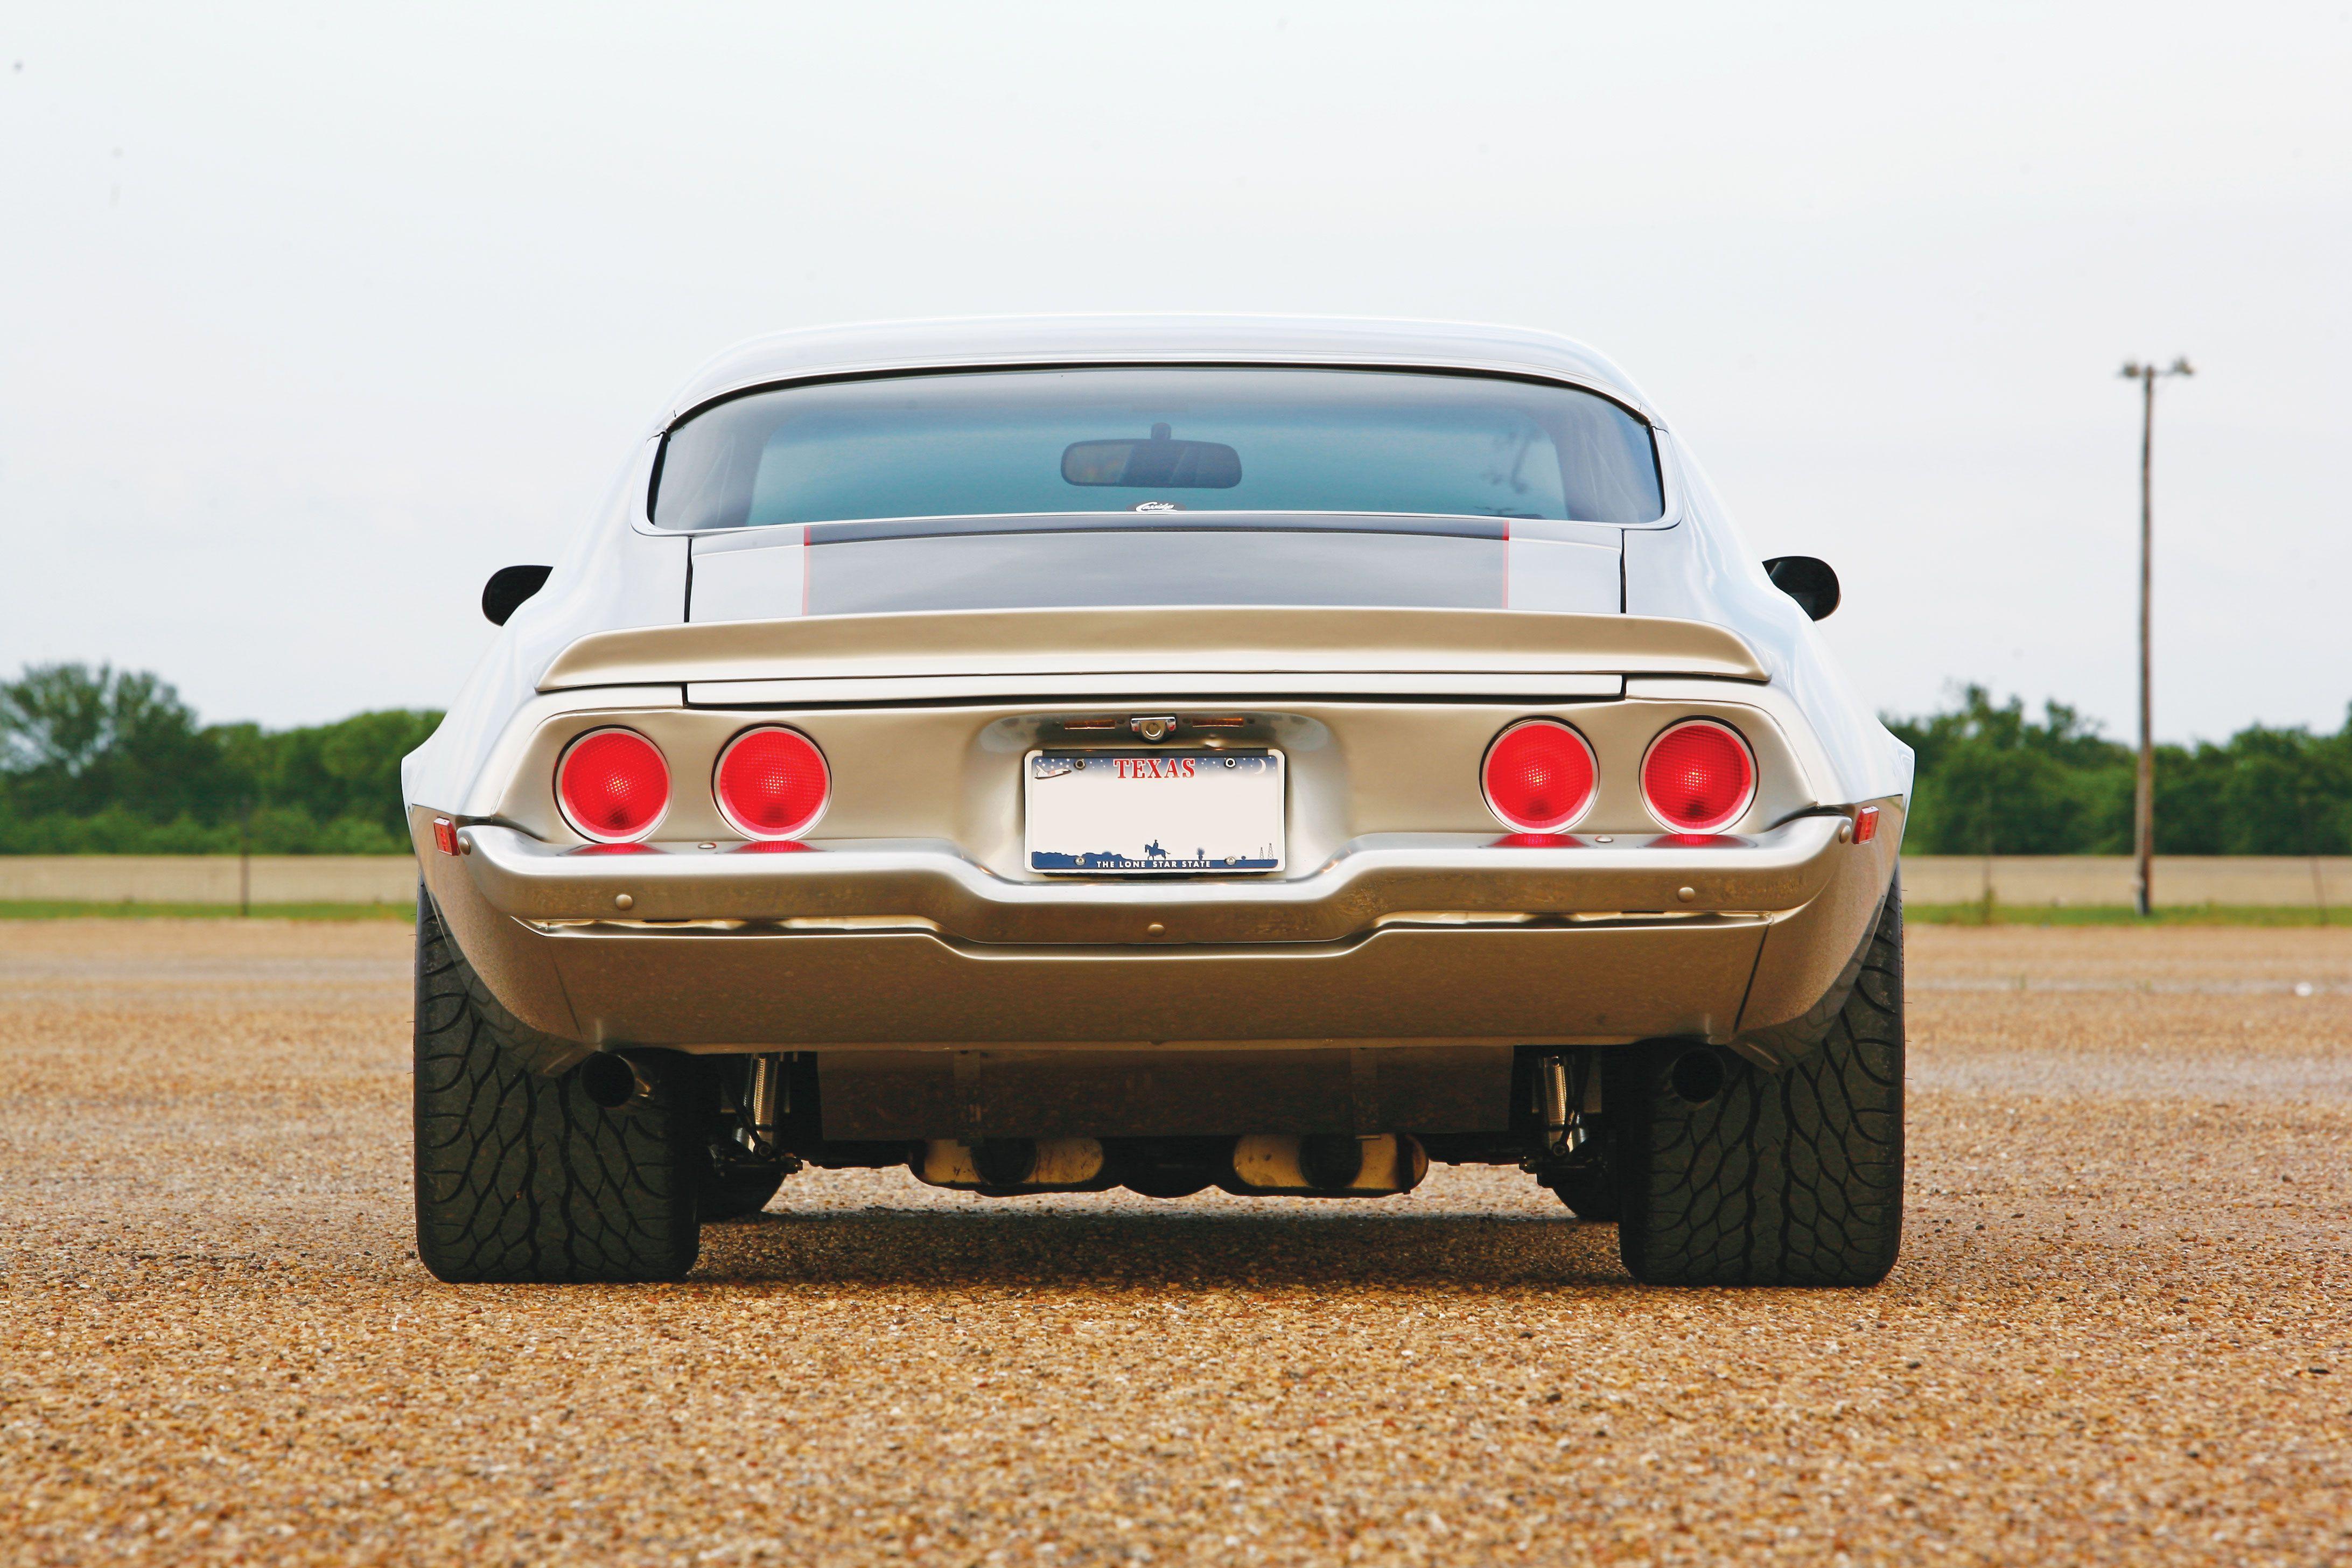 1970 camaro look at those big tires